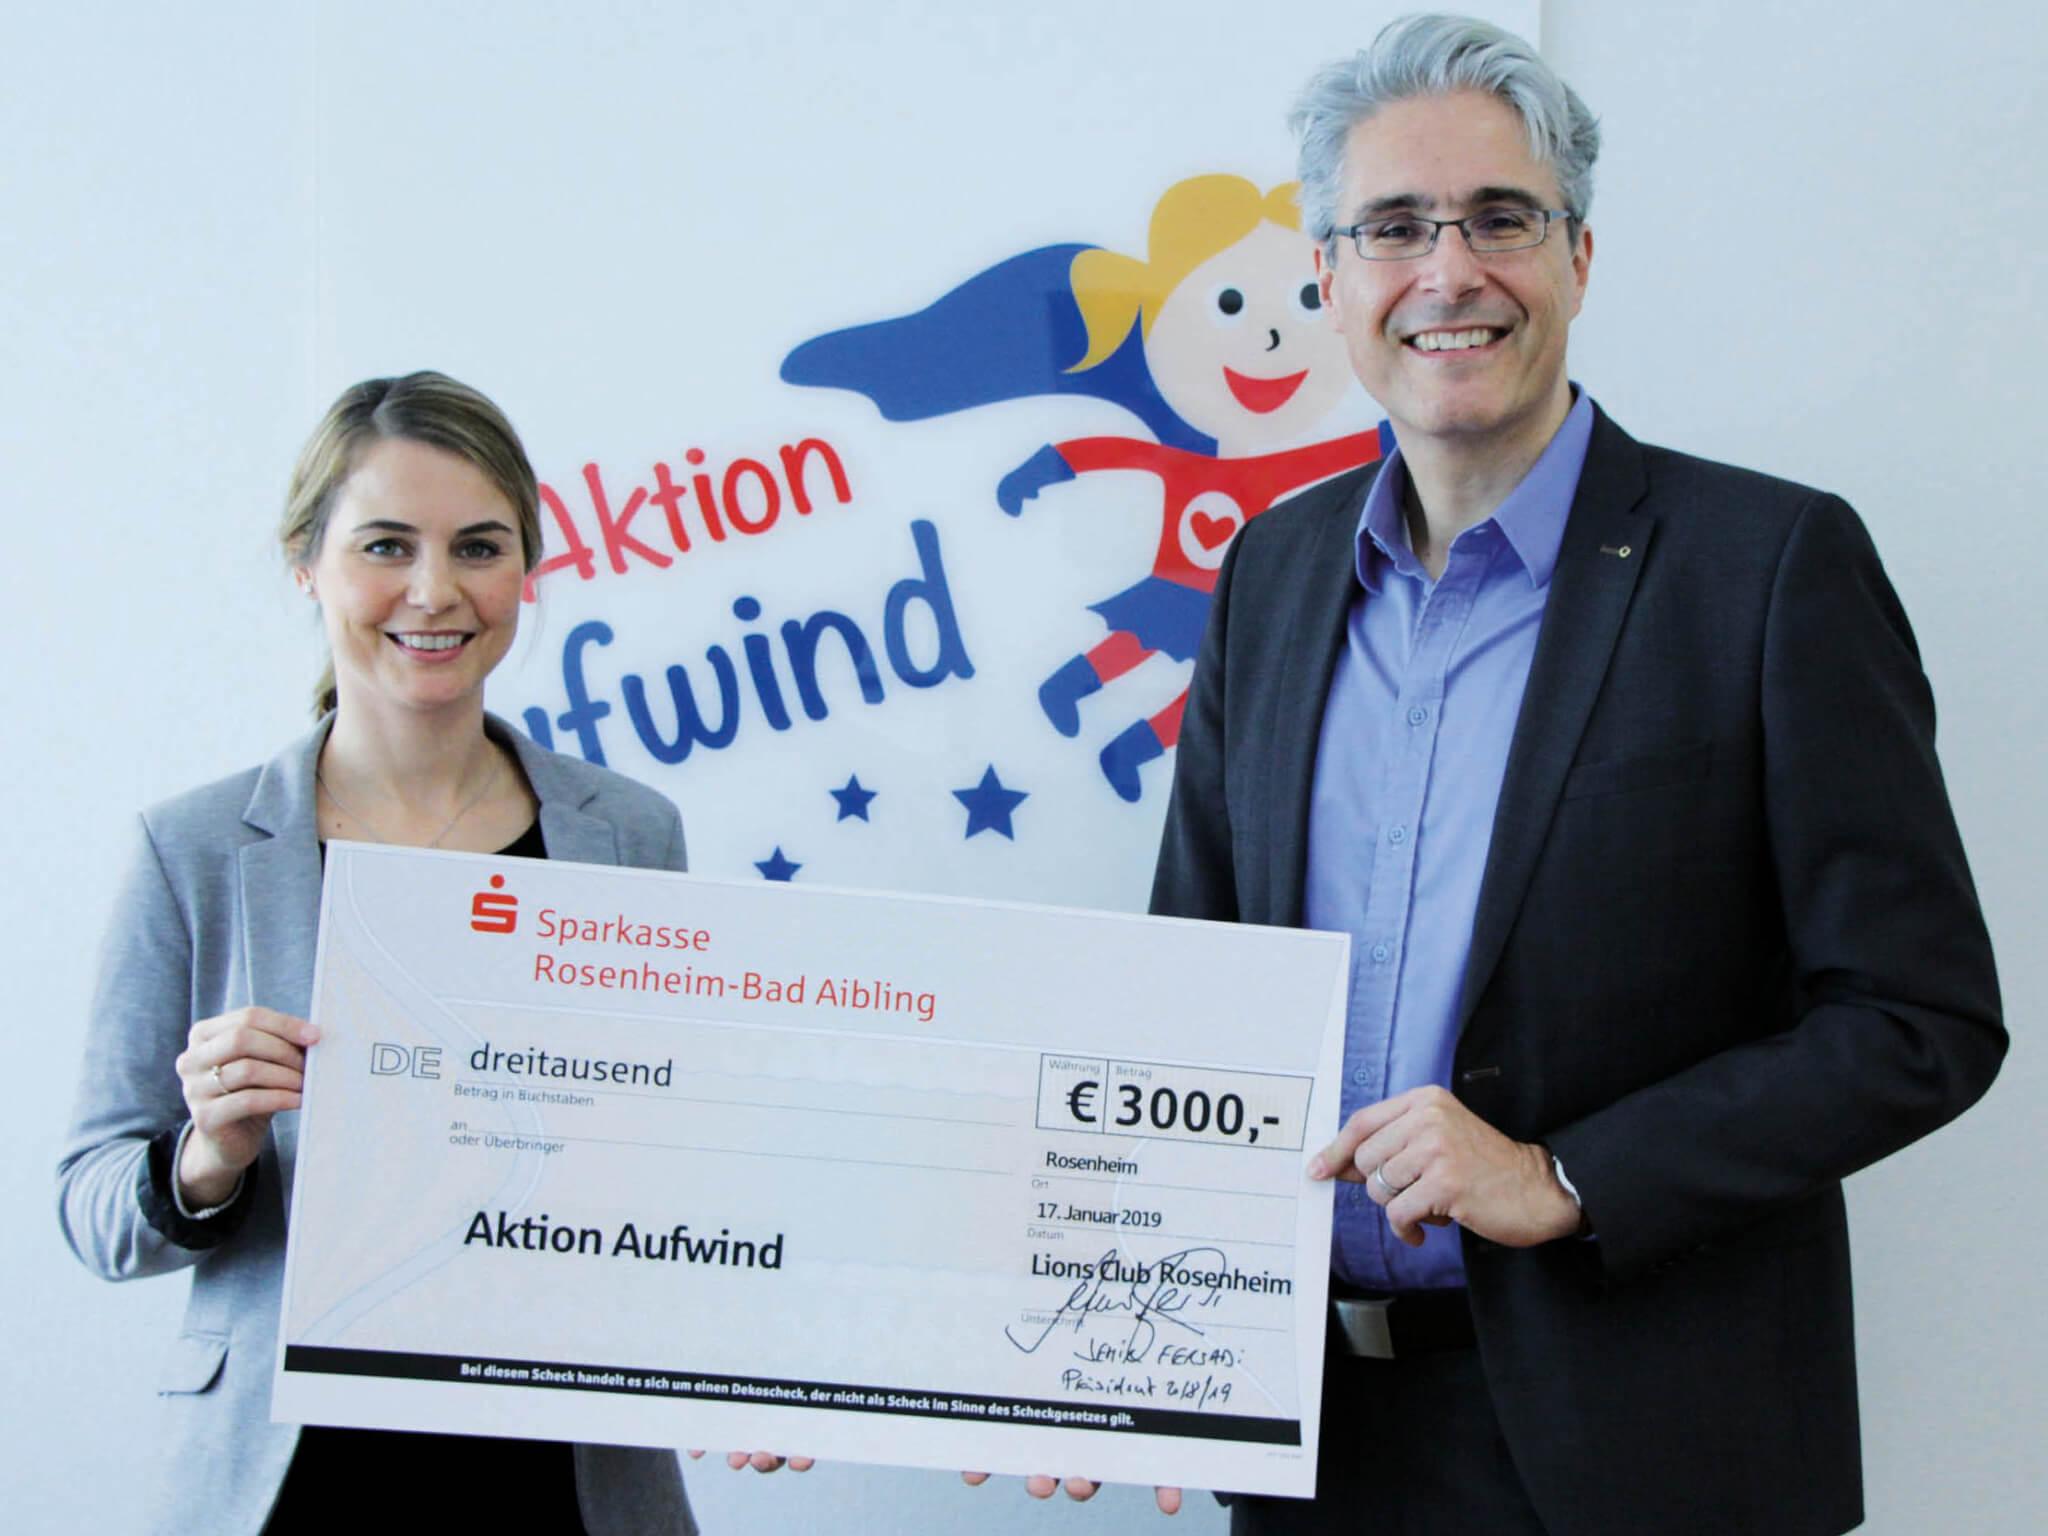 Semir Fersadi, Präsident des Lions Club Rosenheim, überreichte den Spendenscheck an Alexa Hubert, geschäftsführendes Vorstandmitglied der Sparkassenstiftungen Zukunft (li.).